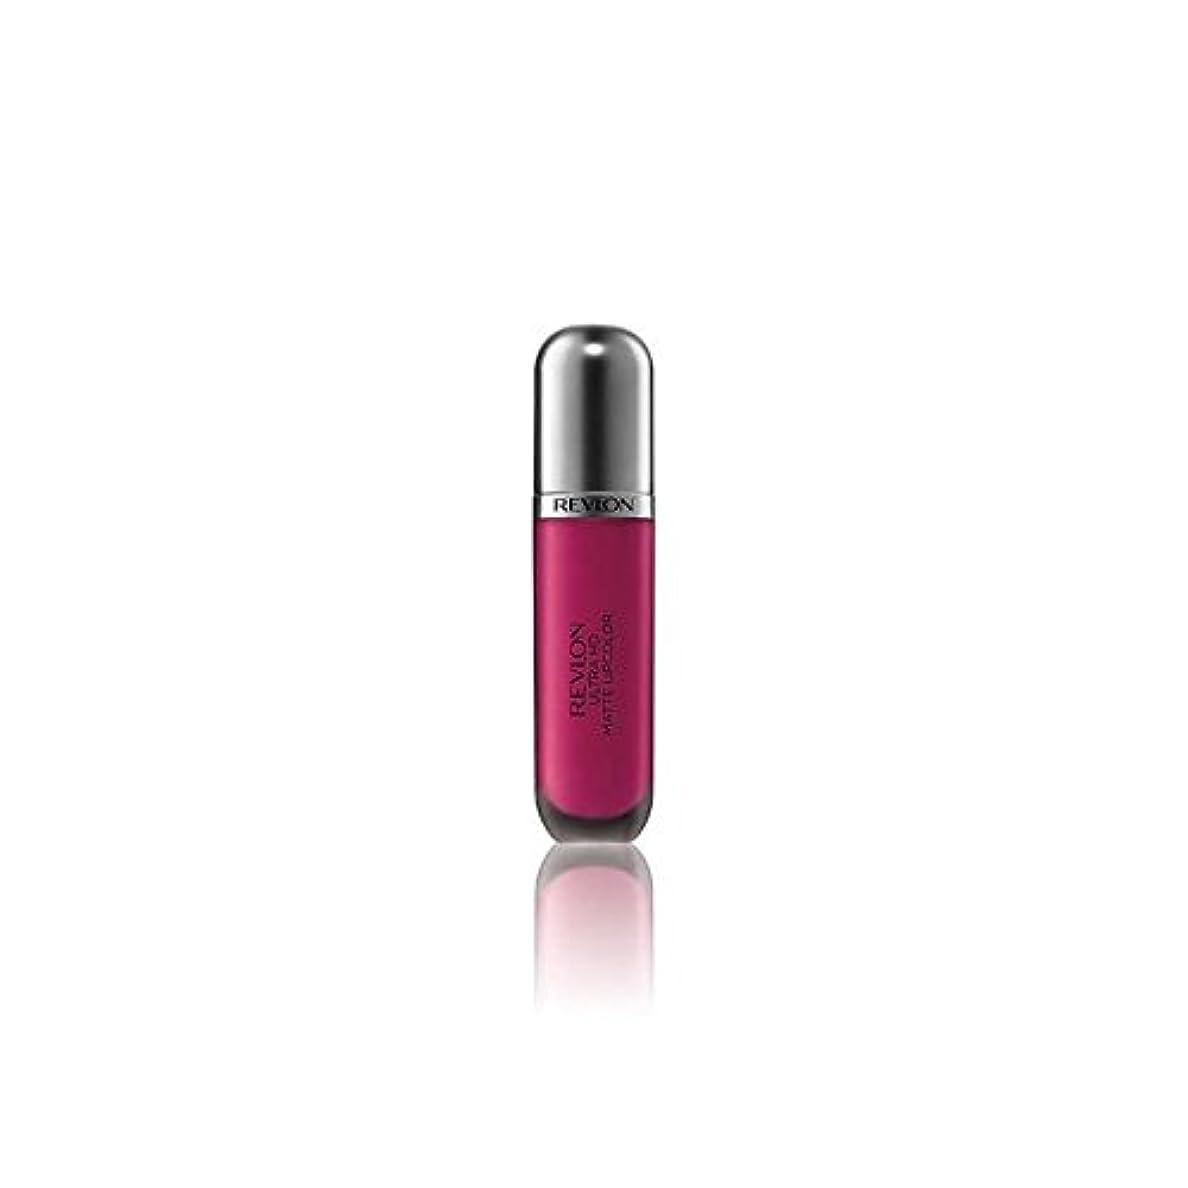 マニフェスト知恵コーデリアレブロンウルトラマット口紅中毒5.9ミリリットル x2 - Revlon Ultra HD Matte Lipstick Addiction 5.9ml (Pack of 2) [並行輸入品]